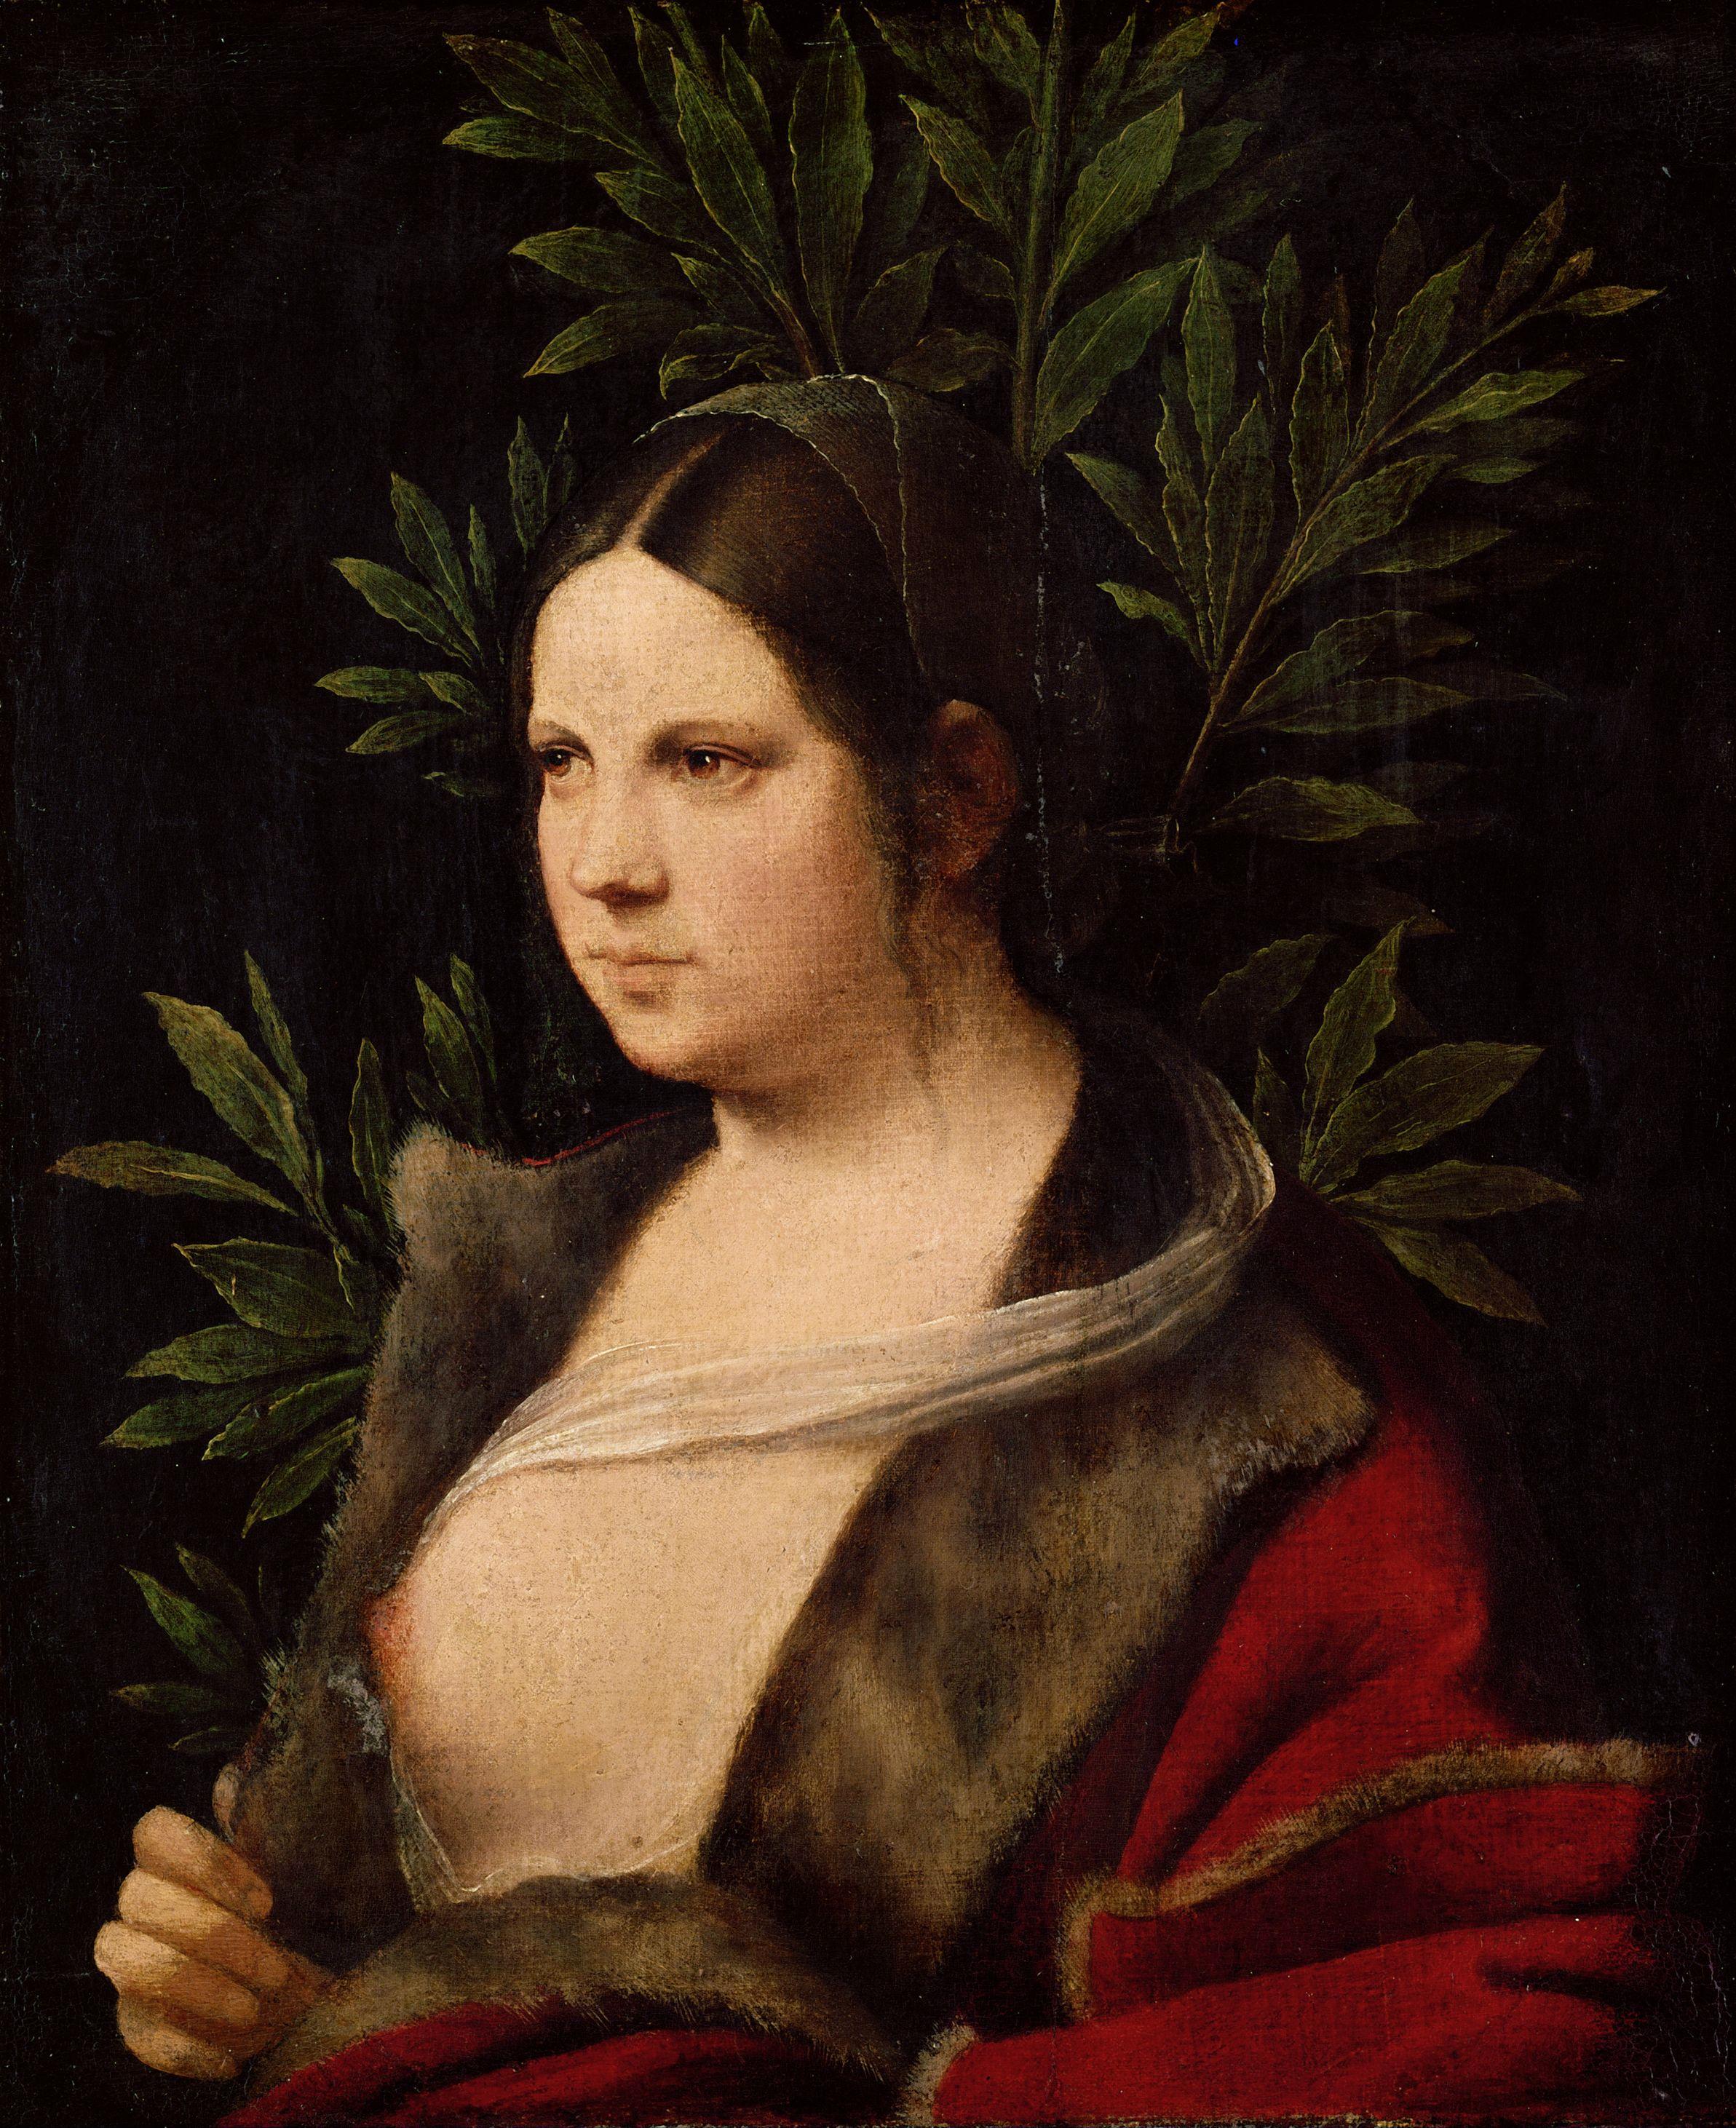 <img200*0:http://upload.wikimedia.org/wikipedia/commons/8/8c/Giorgione_043.jpg>